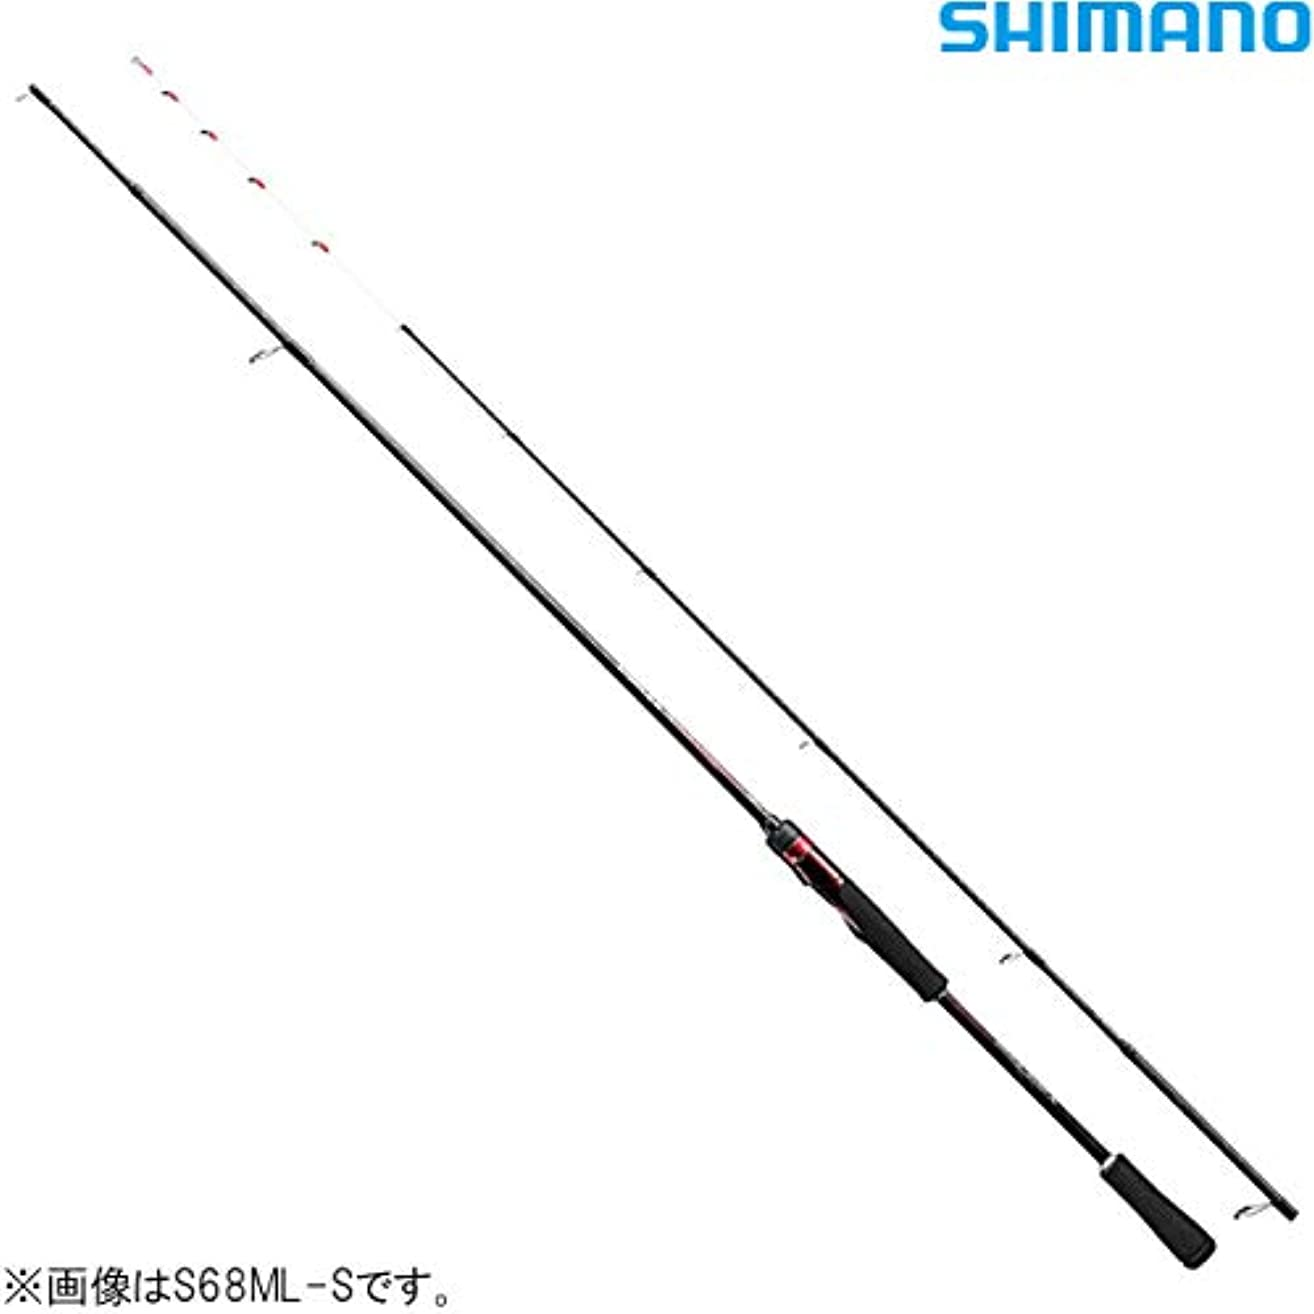 一掃するピルファー手首シマノ(SHIMANO) 19 セフィア SS メタルスッテ スピニングモデル S68L-S